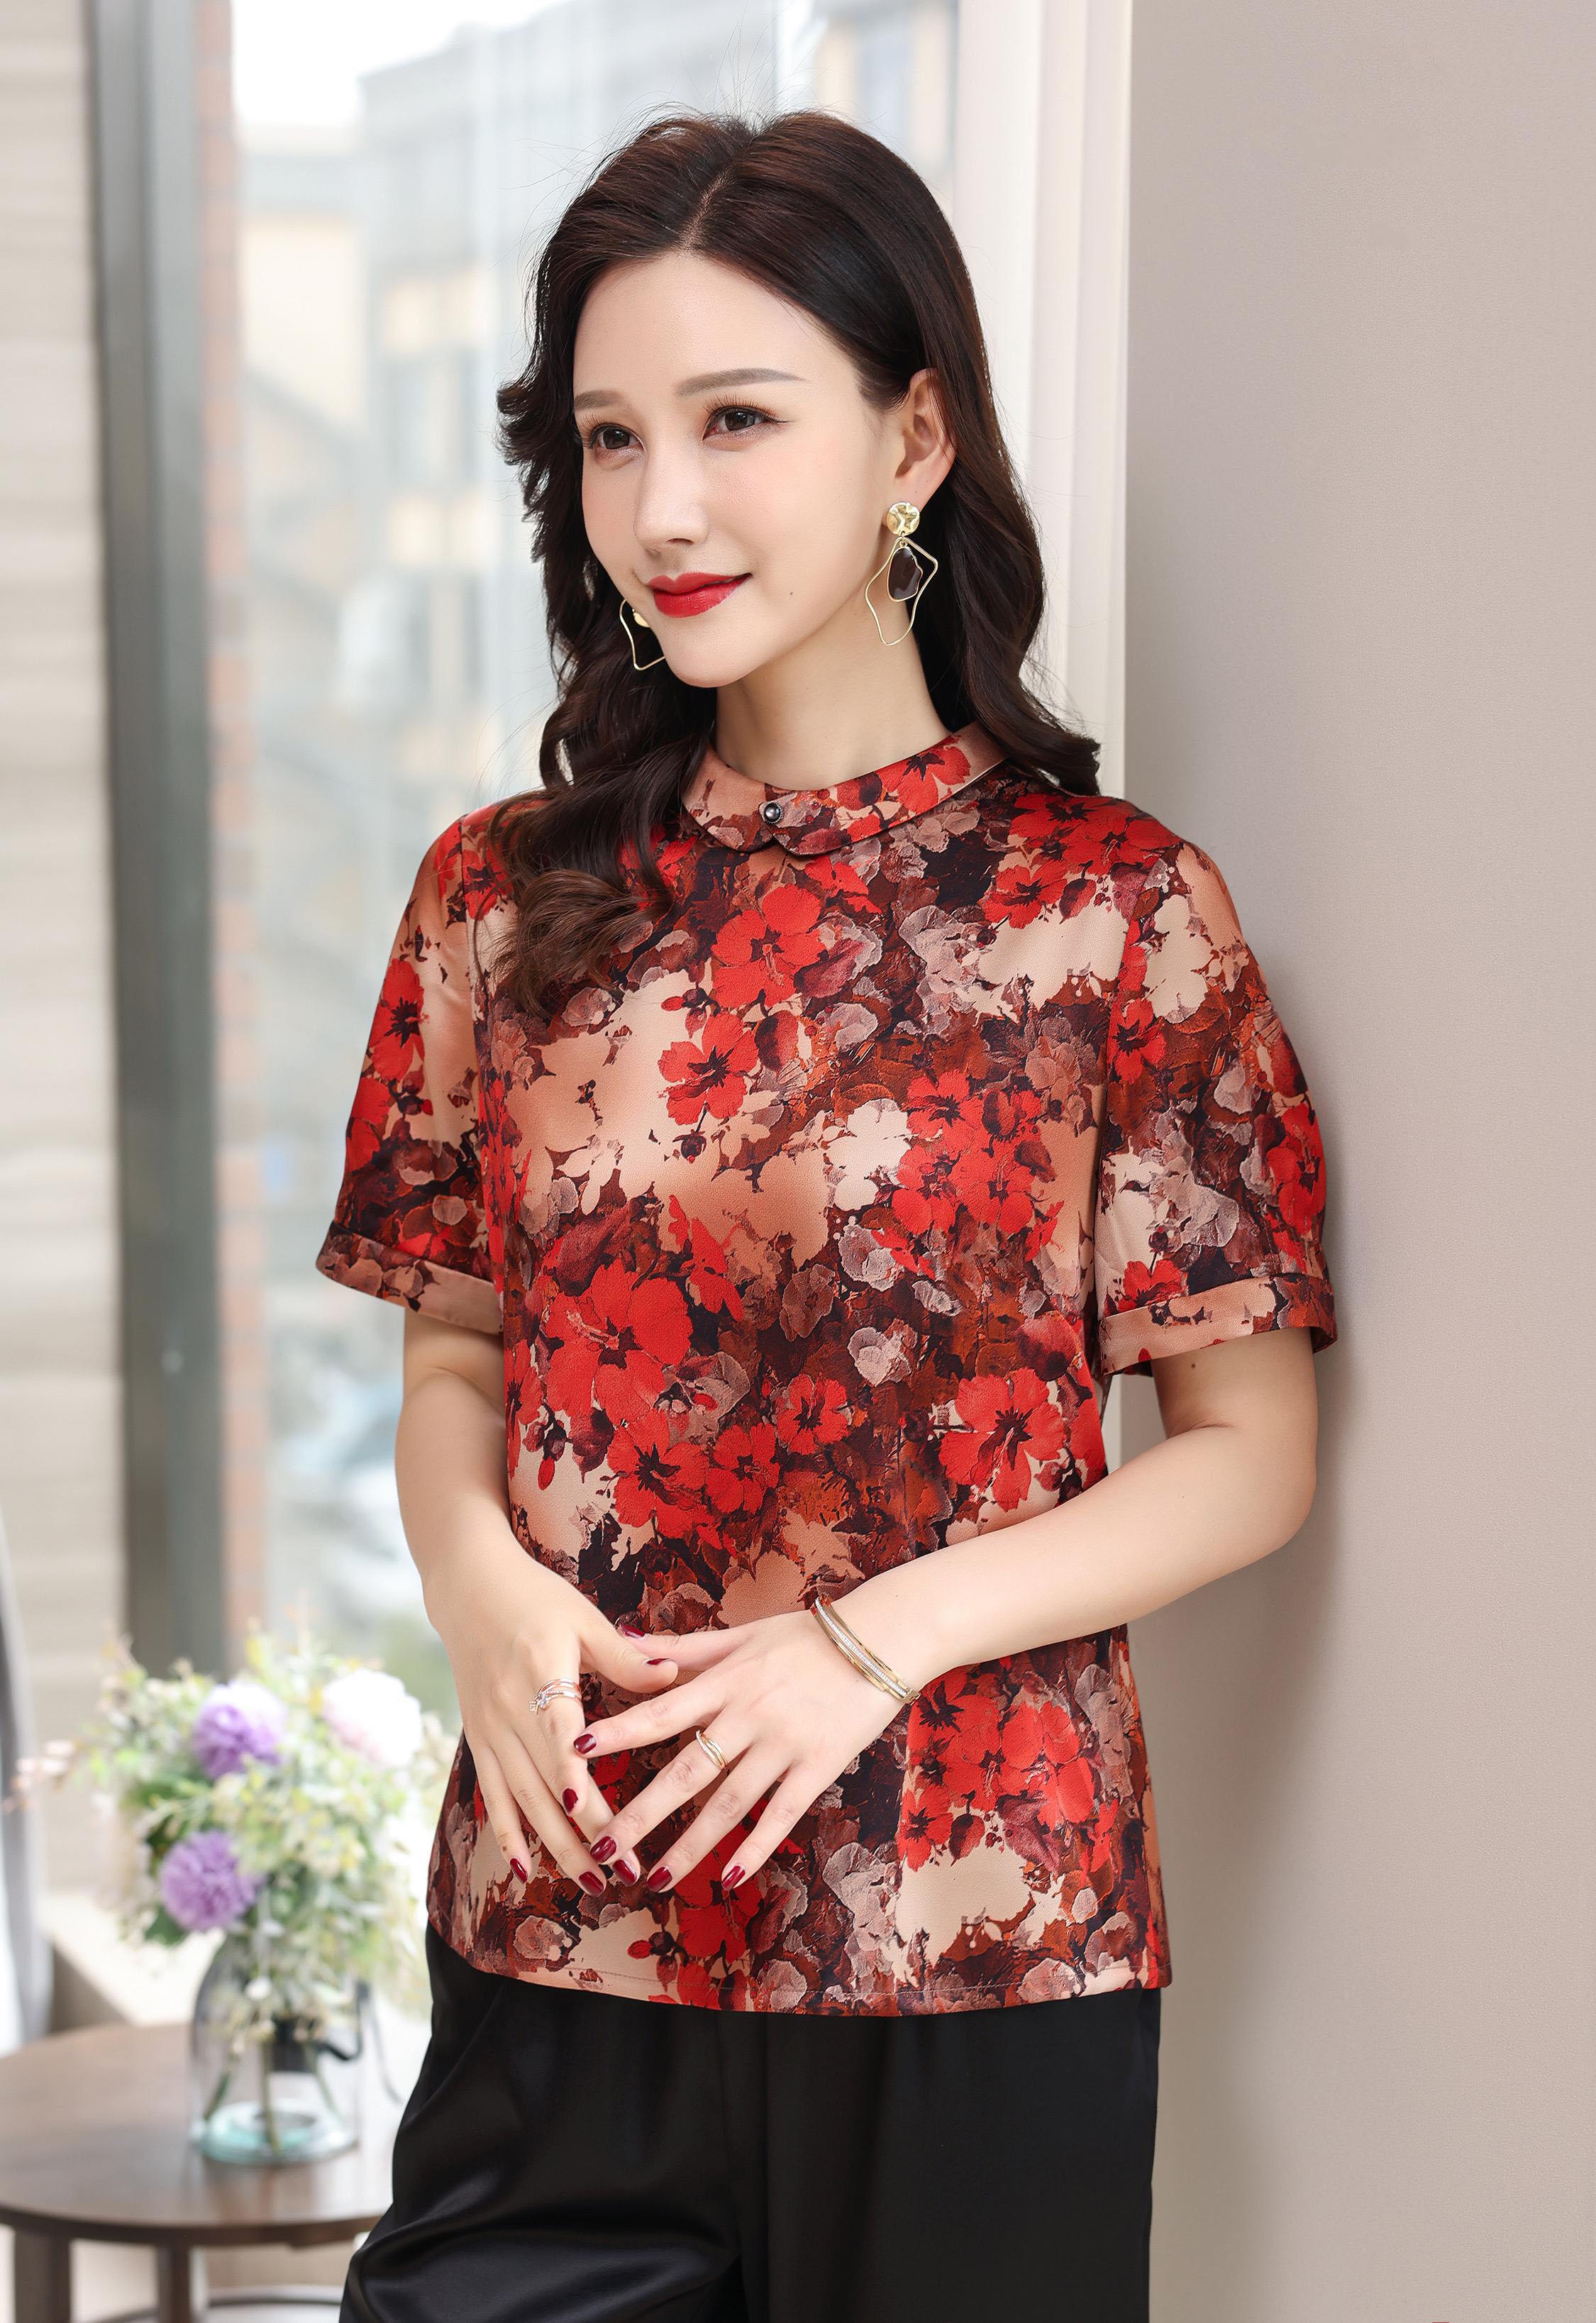 川美 桑蚕丝圆领气质女上衣(短袖) 03025D 红